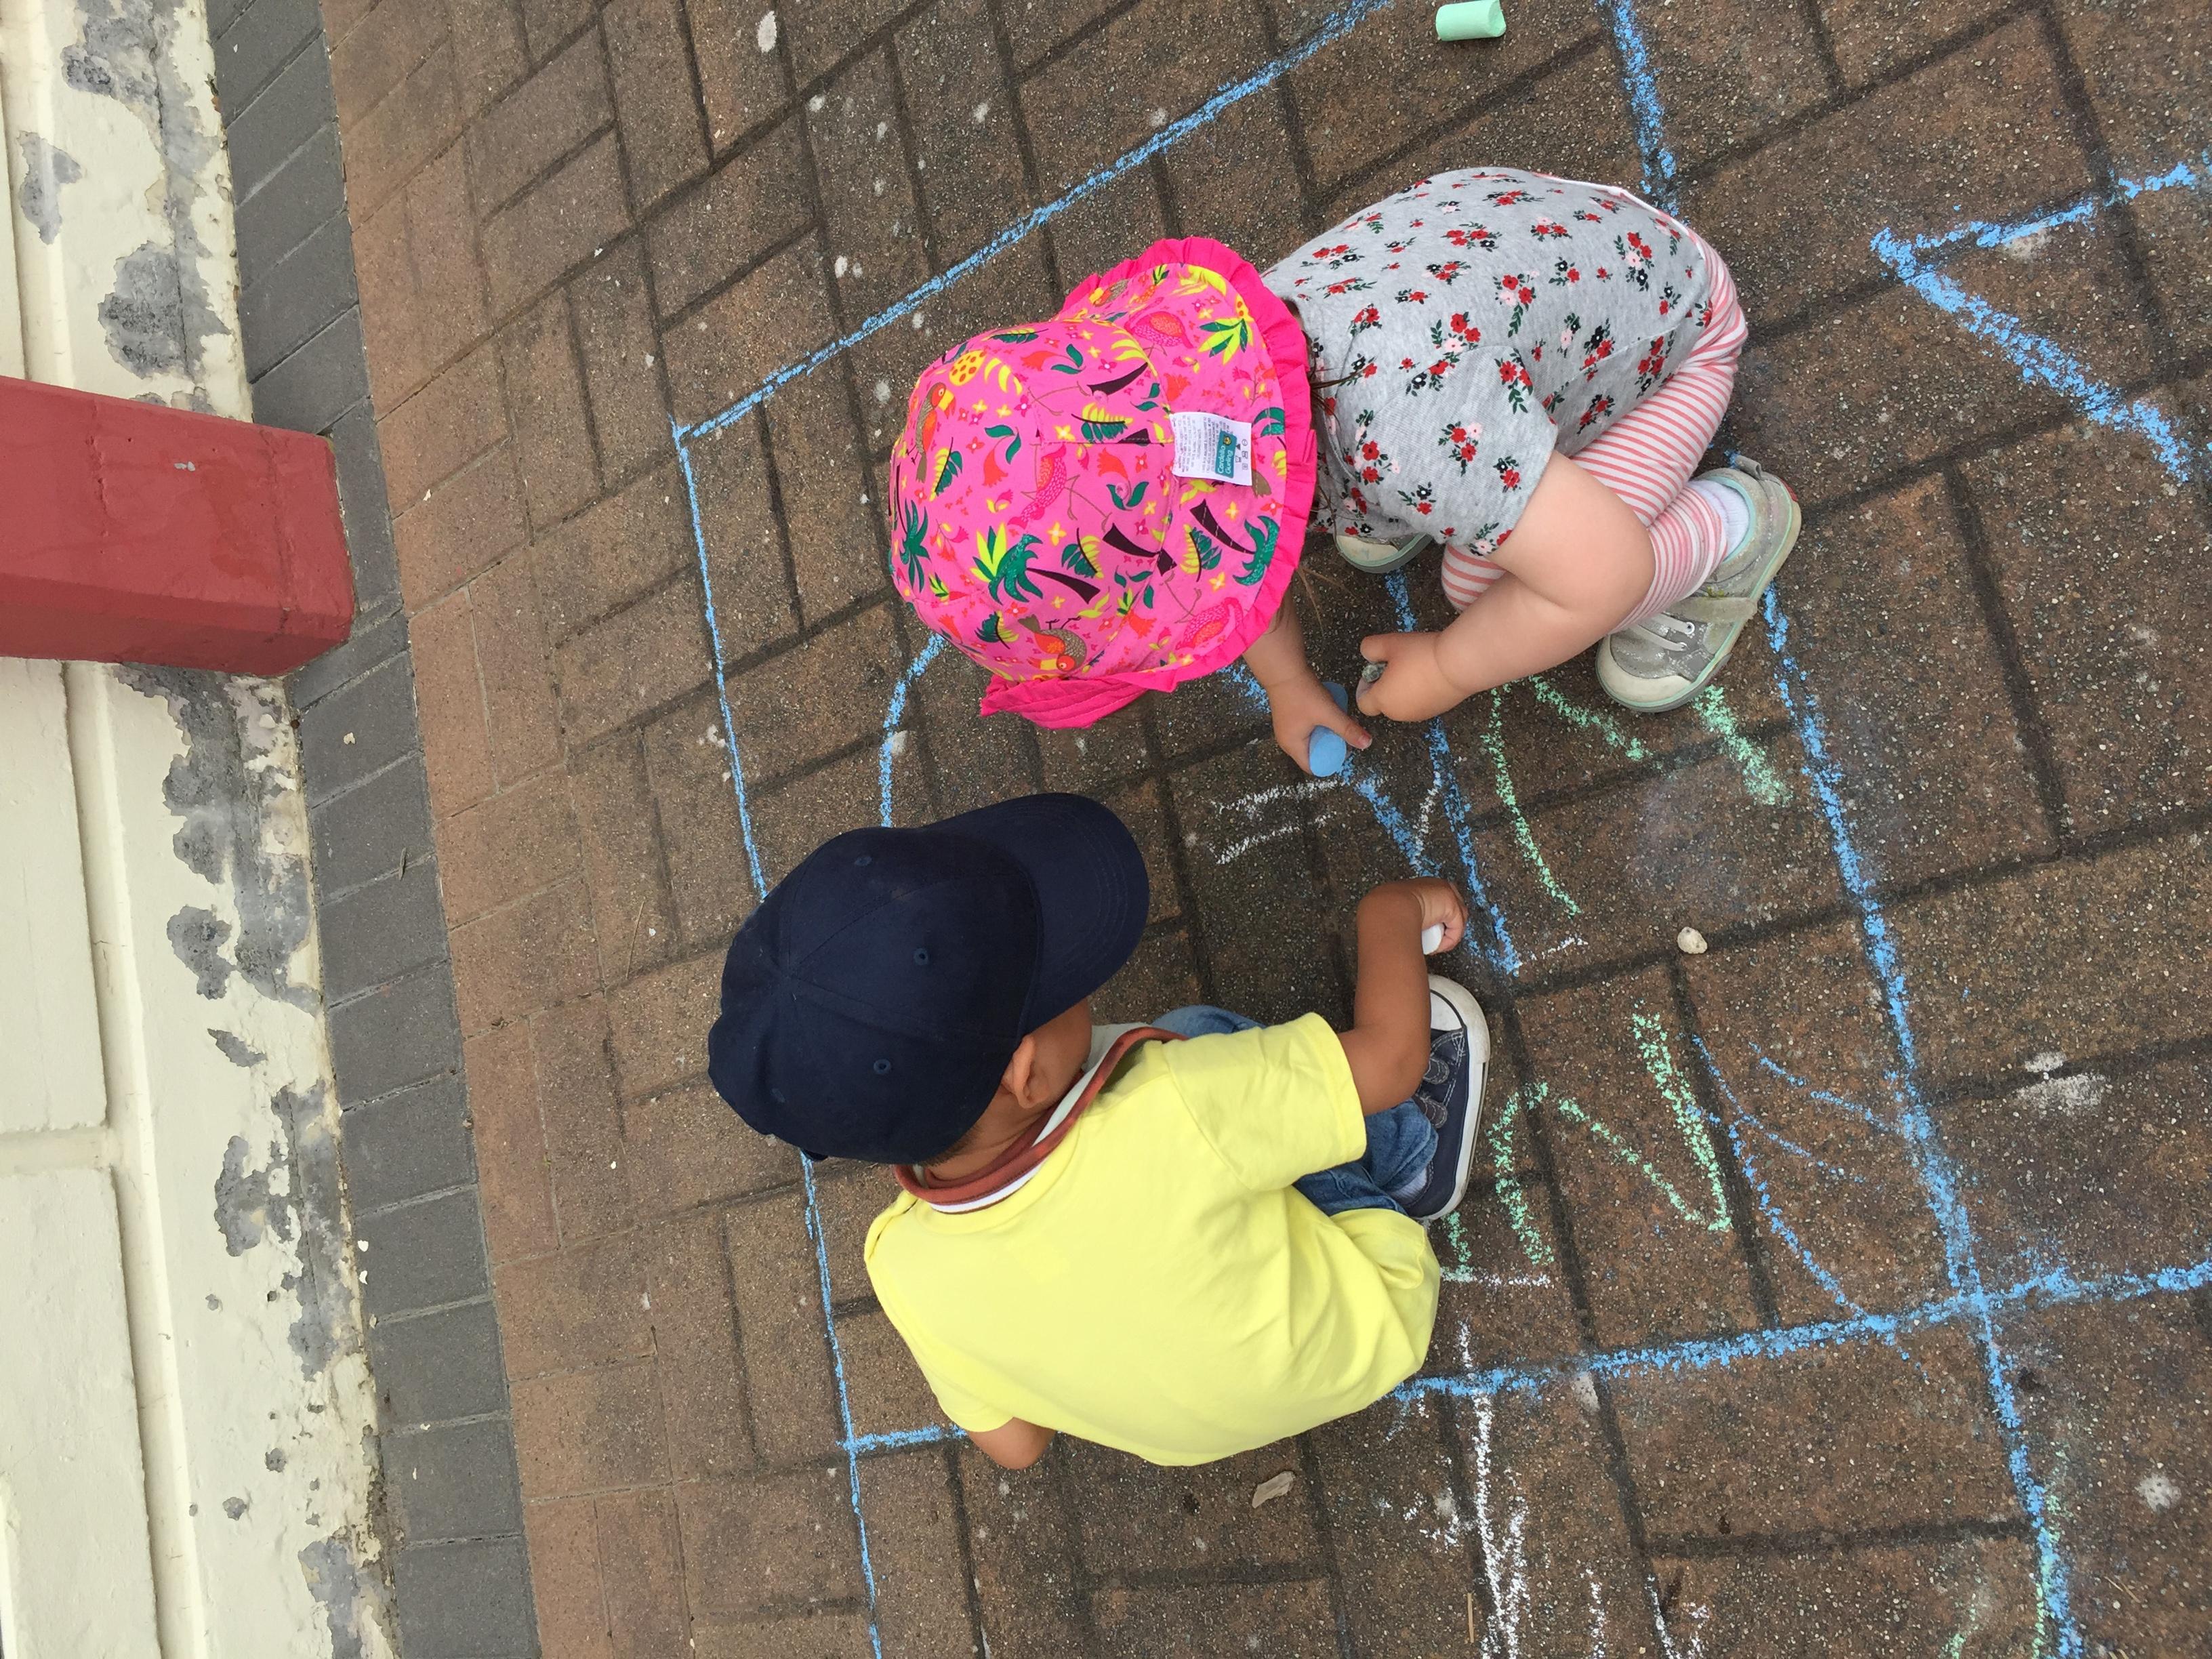 Sidewalk chalk is the best